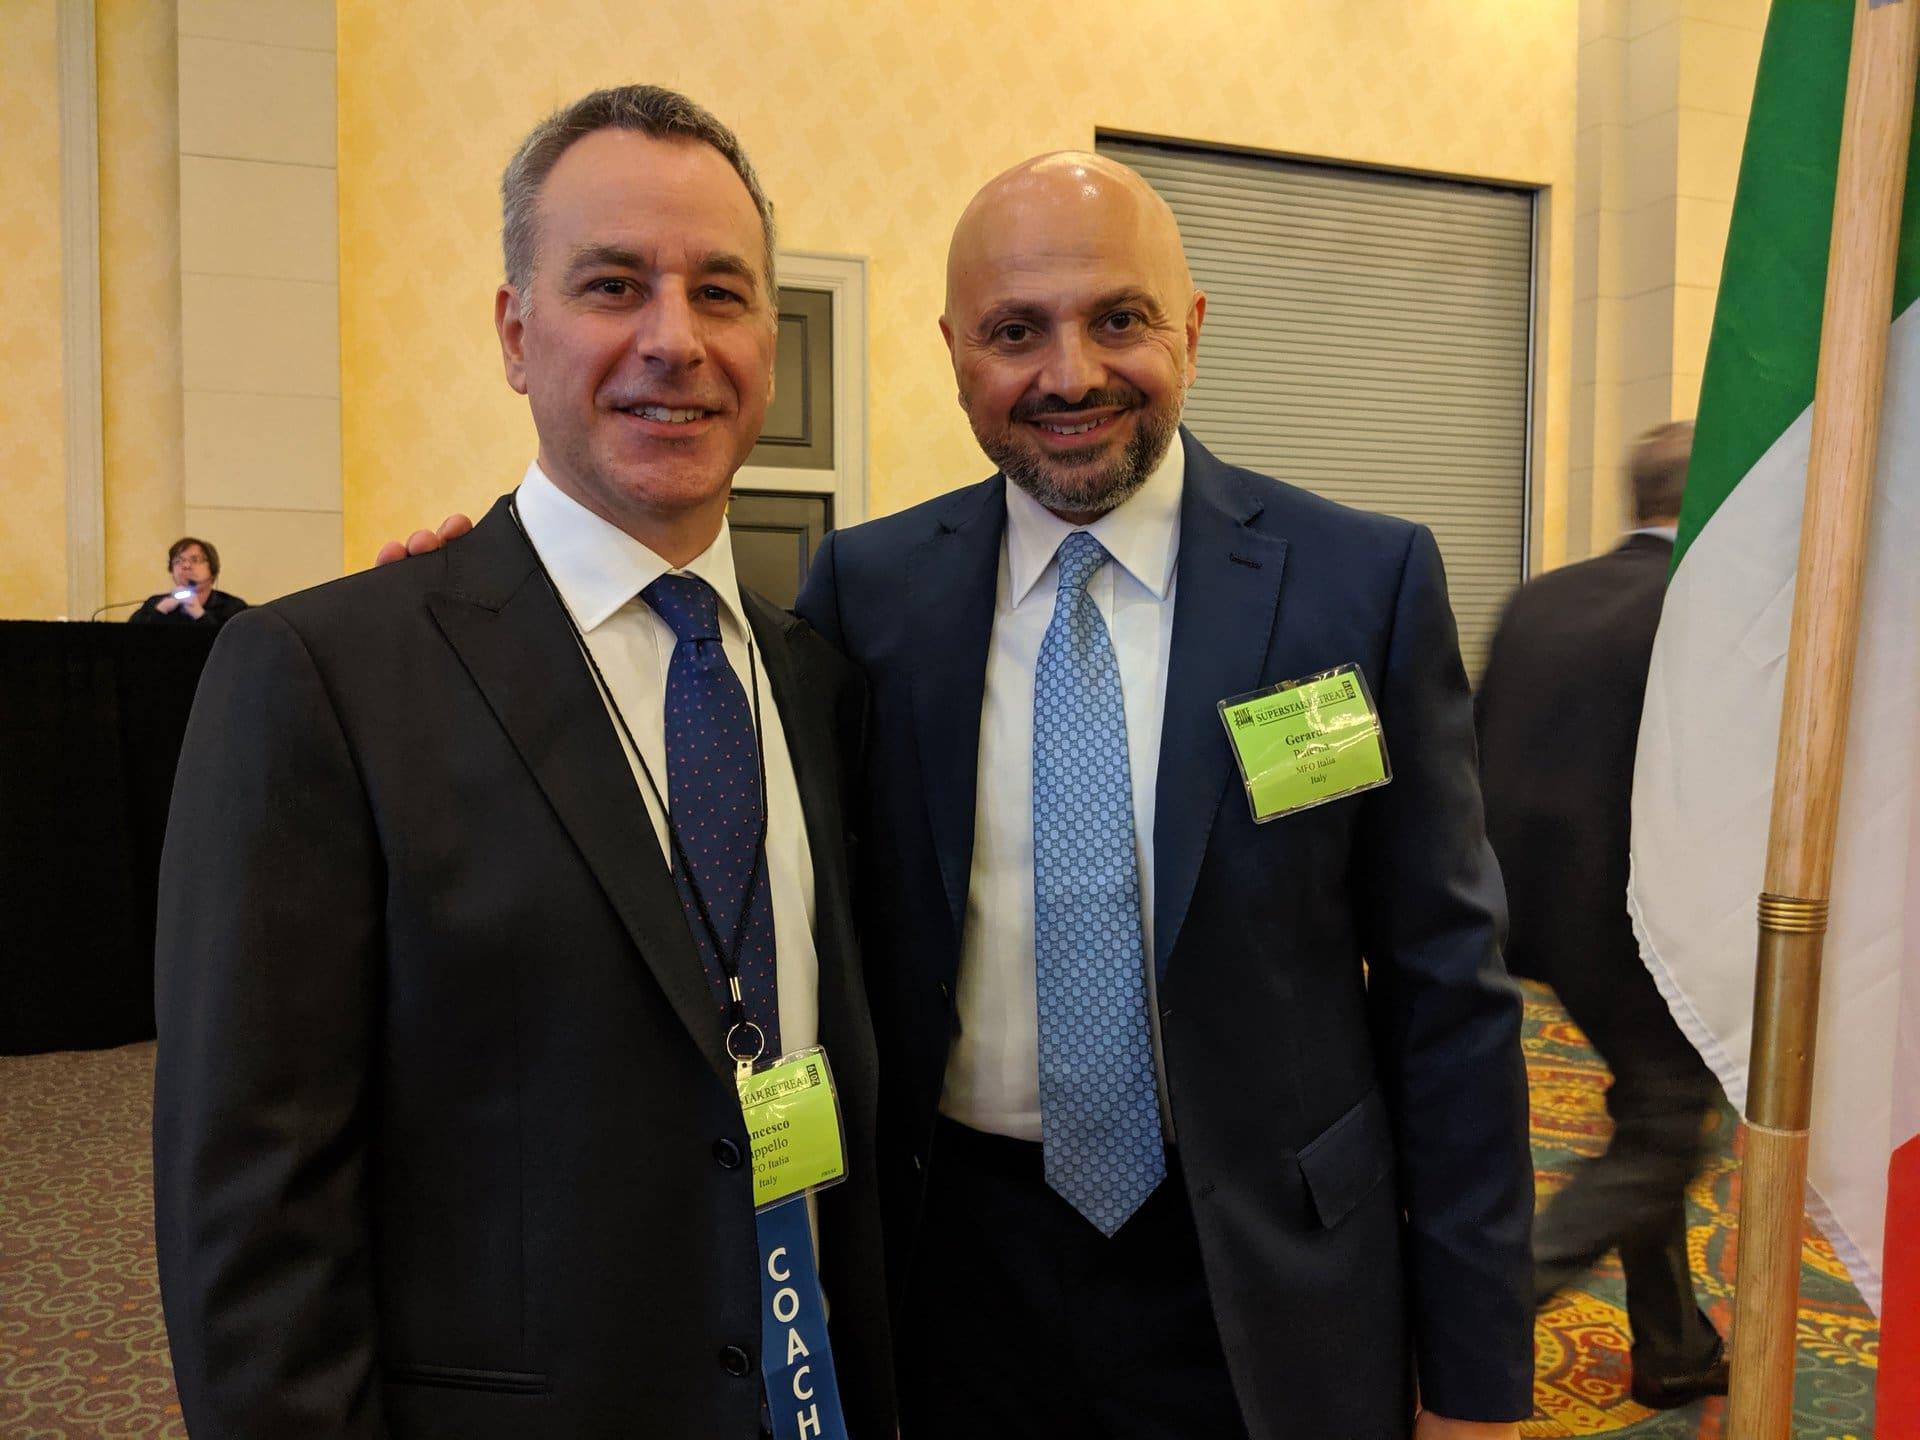 Gerardo con Francesco Cappello, interprete e coach trainer